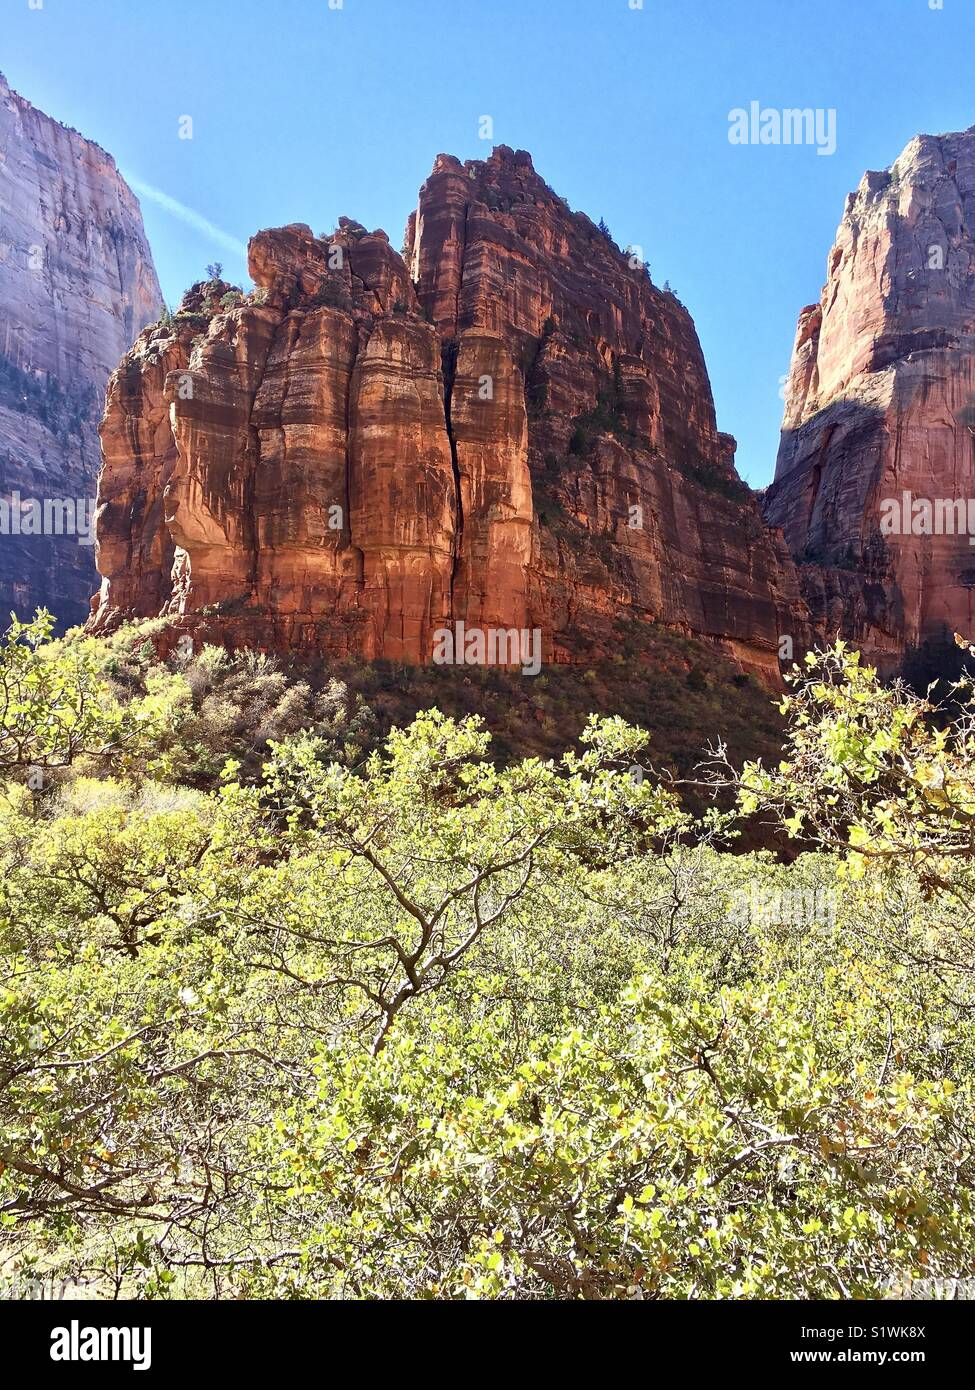 Rocas Rojas del Parque Nacional de Zion Imagen De Stock